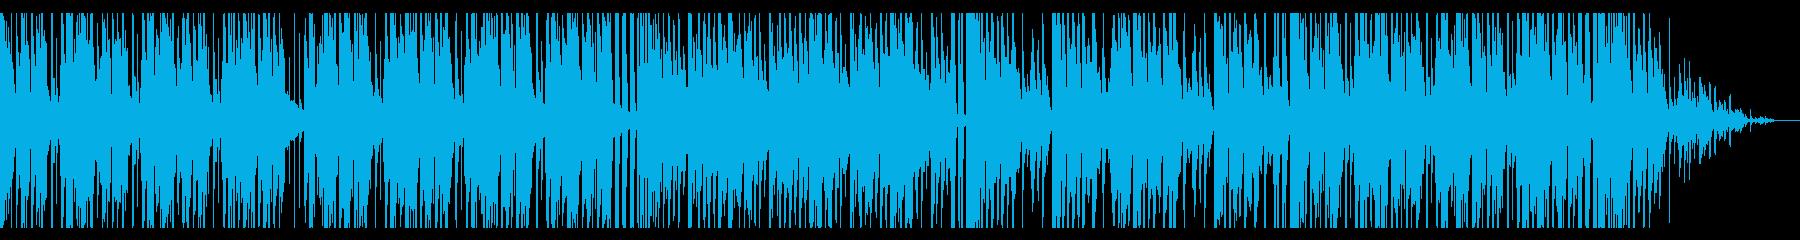 青/海/エレクトロ_No407_3の再生済みの波形